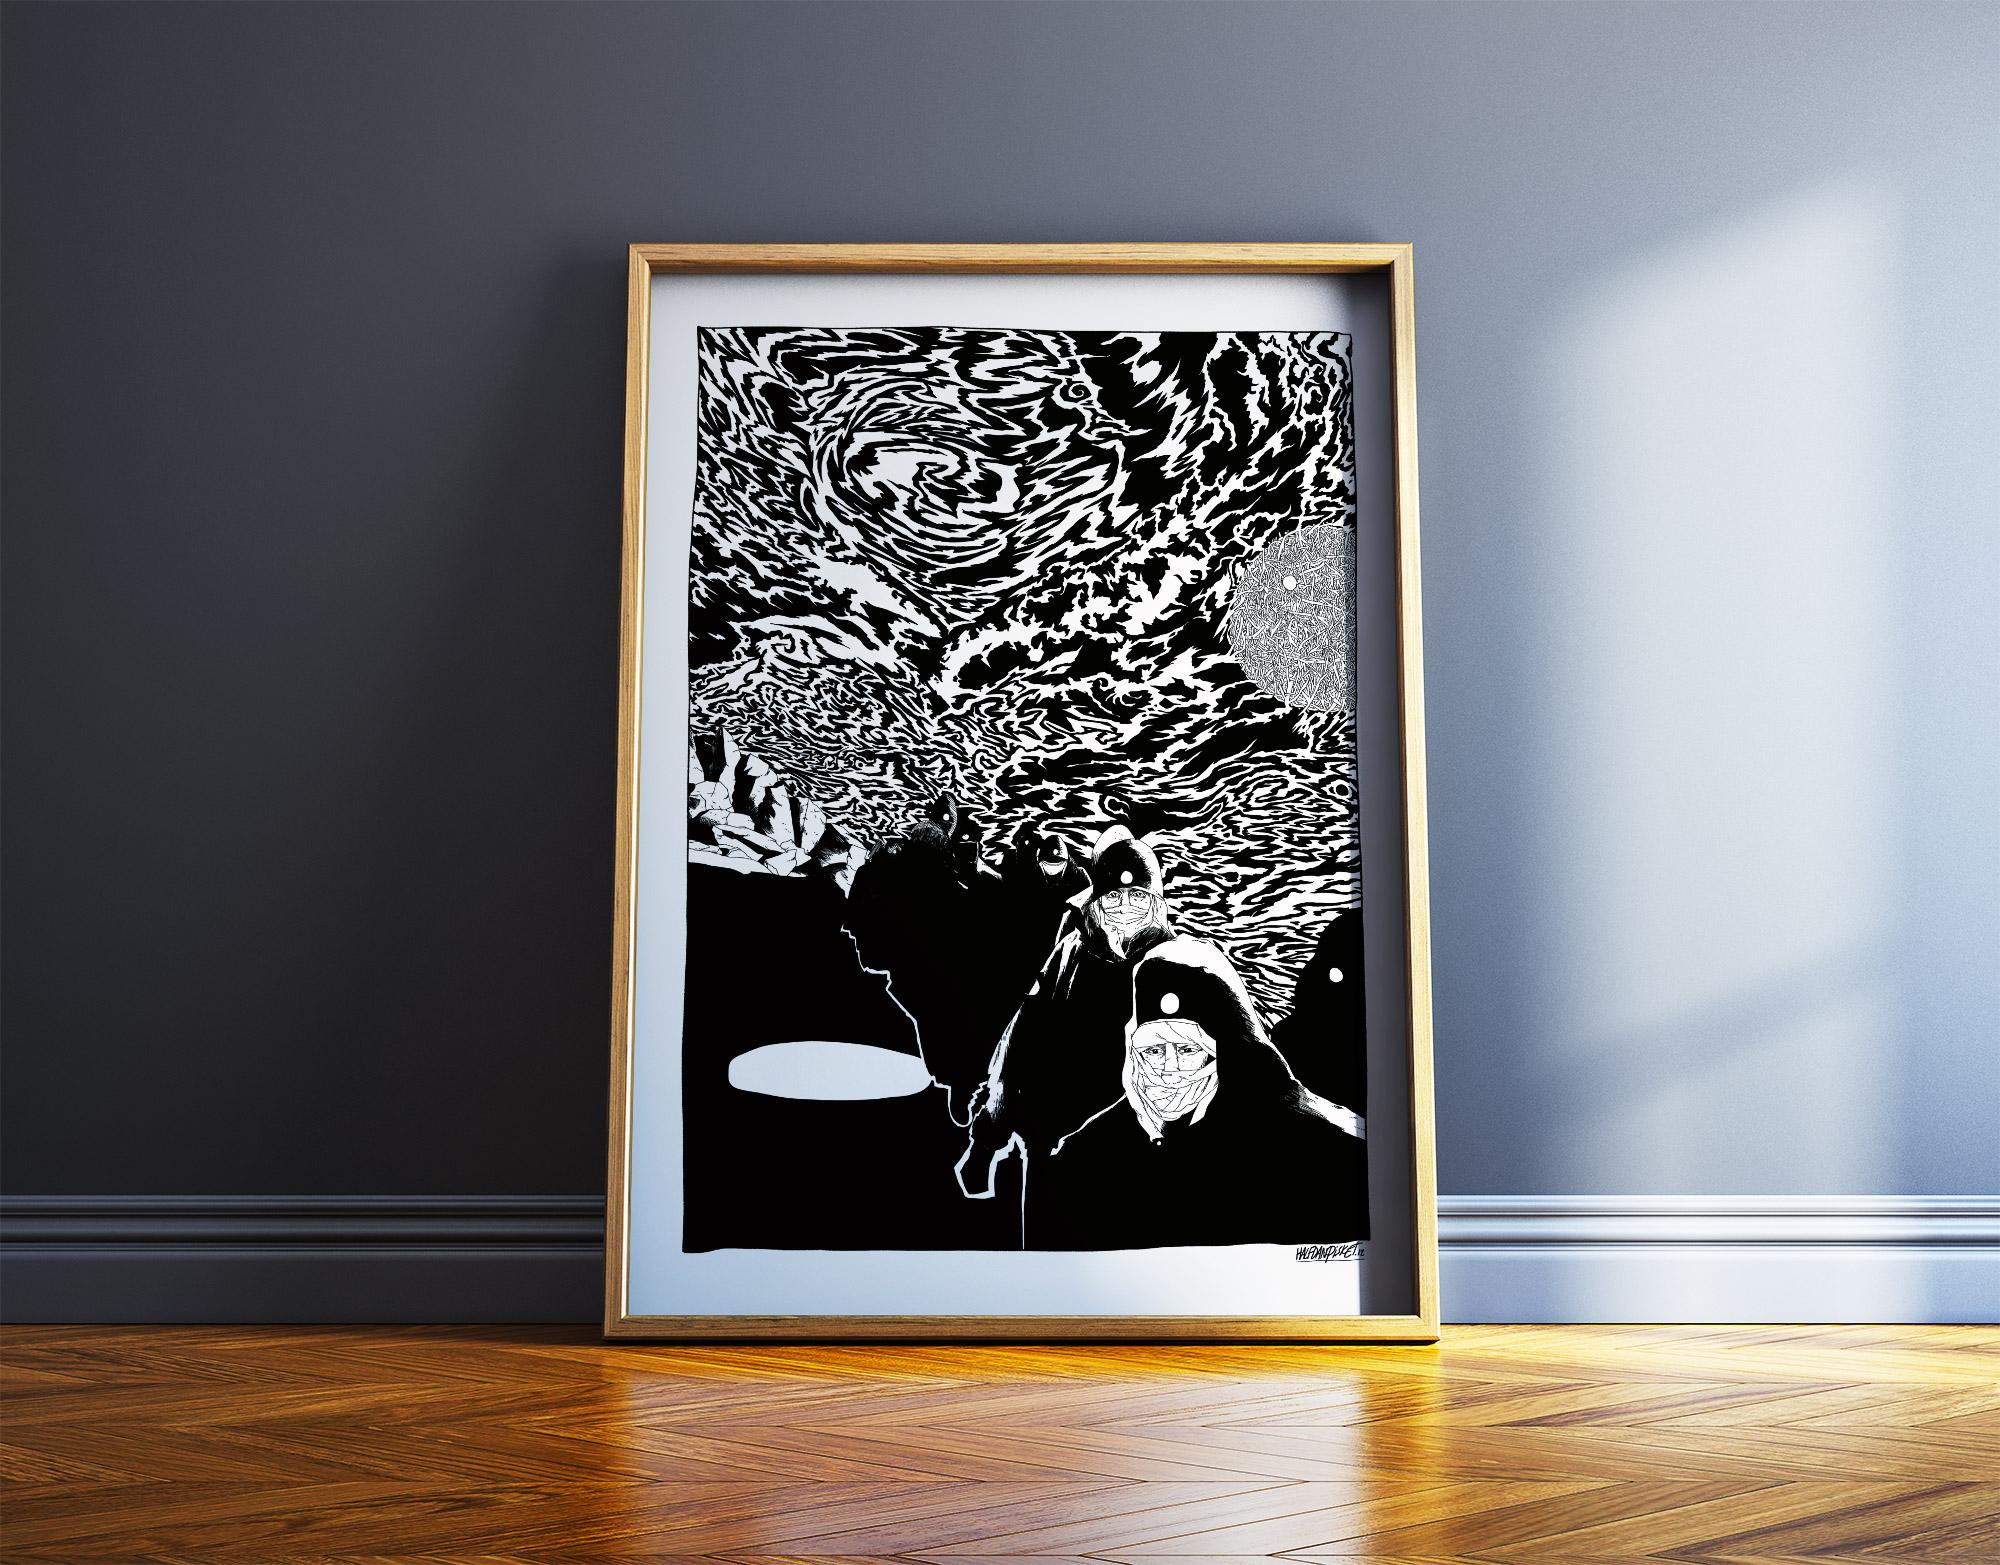 kunsttryk, gliceé, grafiske, illustrative, monokrome, portræt, tegneserier, bevægelse, natur, himmel, sorte, hvide, blæk, papir, atmosfære, sort-hvide, samtidskunst, dansk, dekorative, design, ansigter, moderne, moderne-kunst, bjerge, nordisk, plakater, tryk, skandinavisk, sceneri, Køb original kunst og kunstplakater. Malerier, tegninger, limited edition kunsttryk & plakater af dygtige kunstnere.